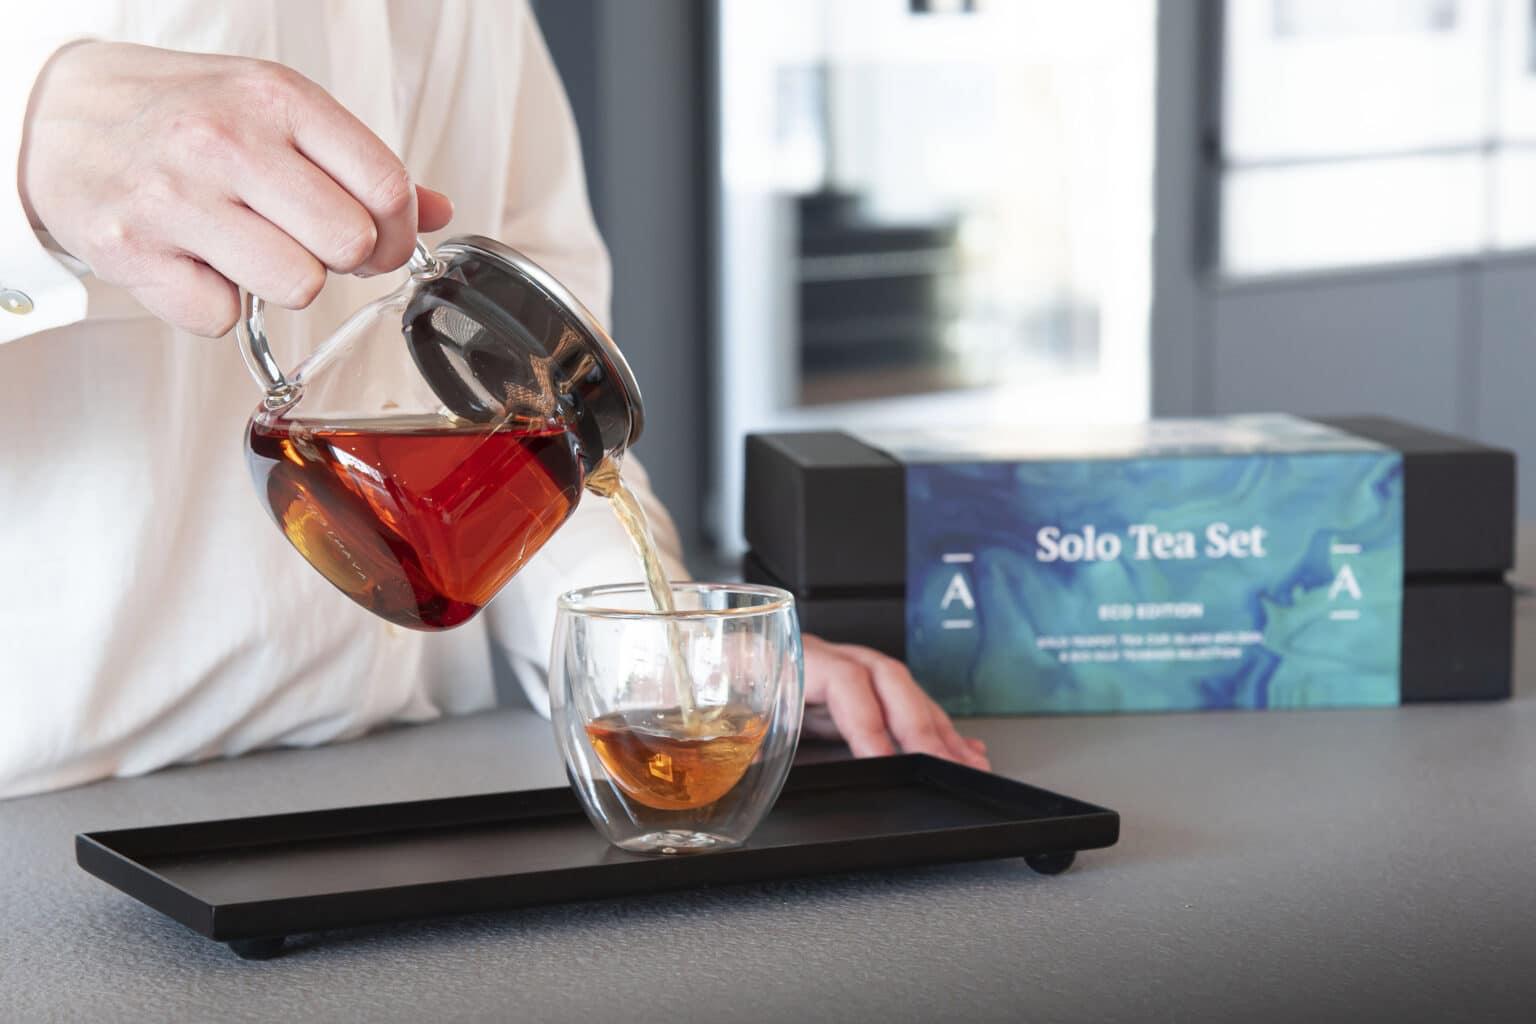 Solo Tea Set